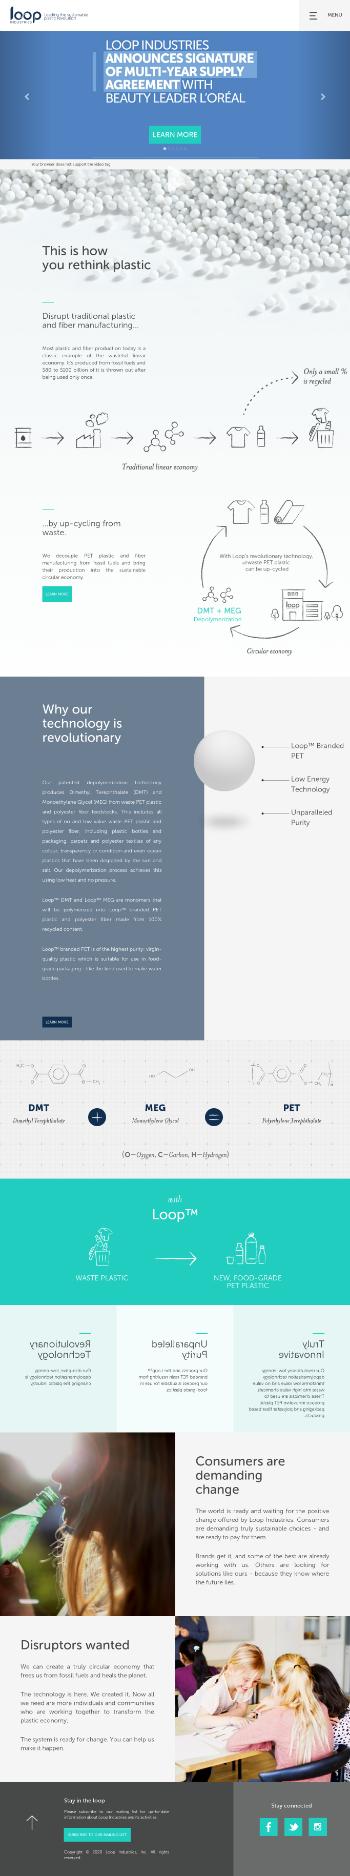 Loop Industries, Inc. Website Screenshot